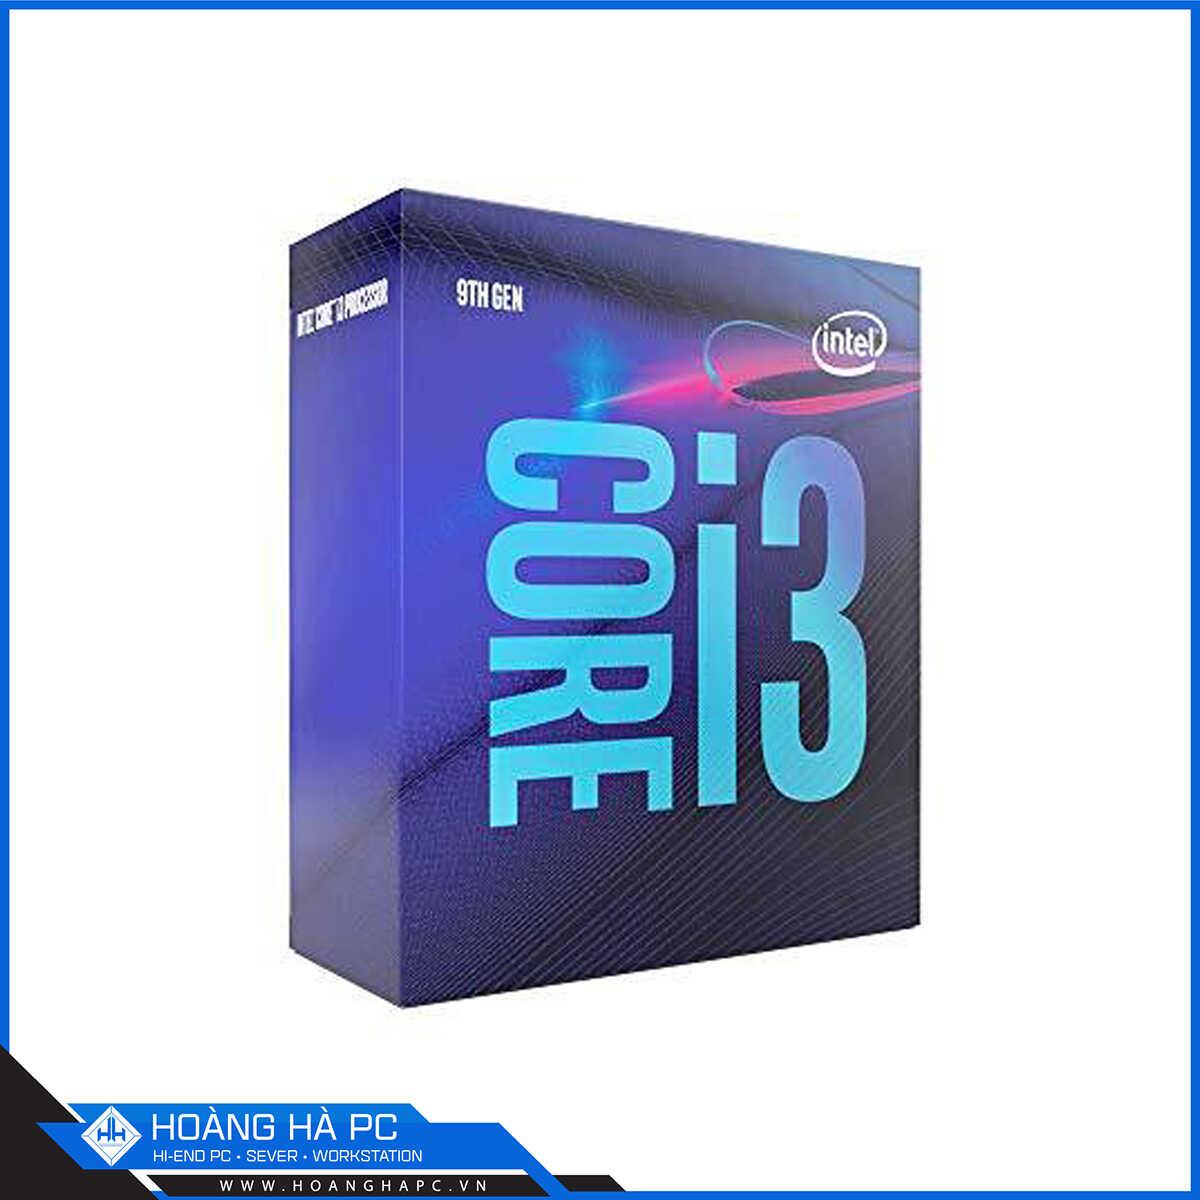 CPU Intel Core i3-9100